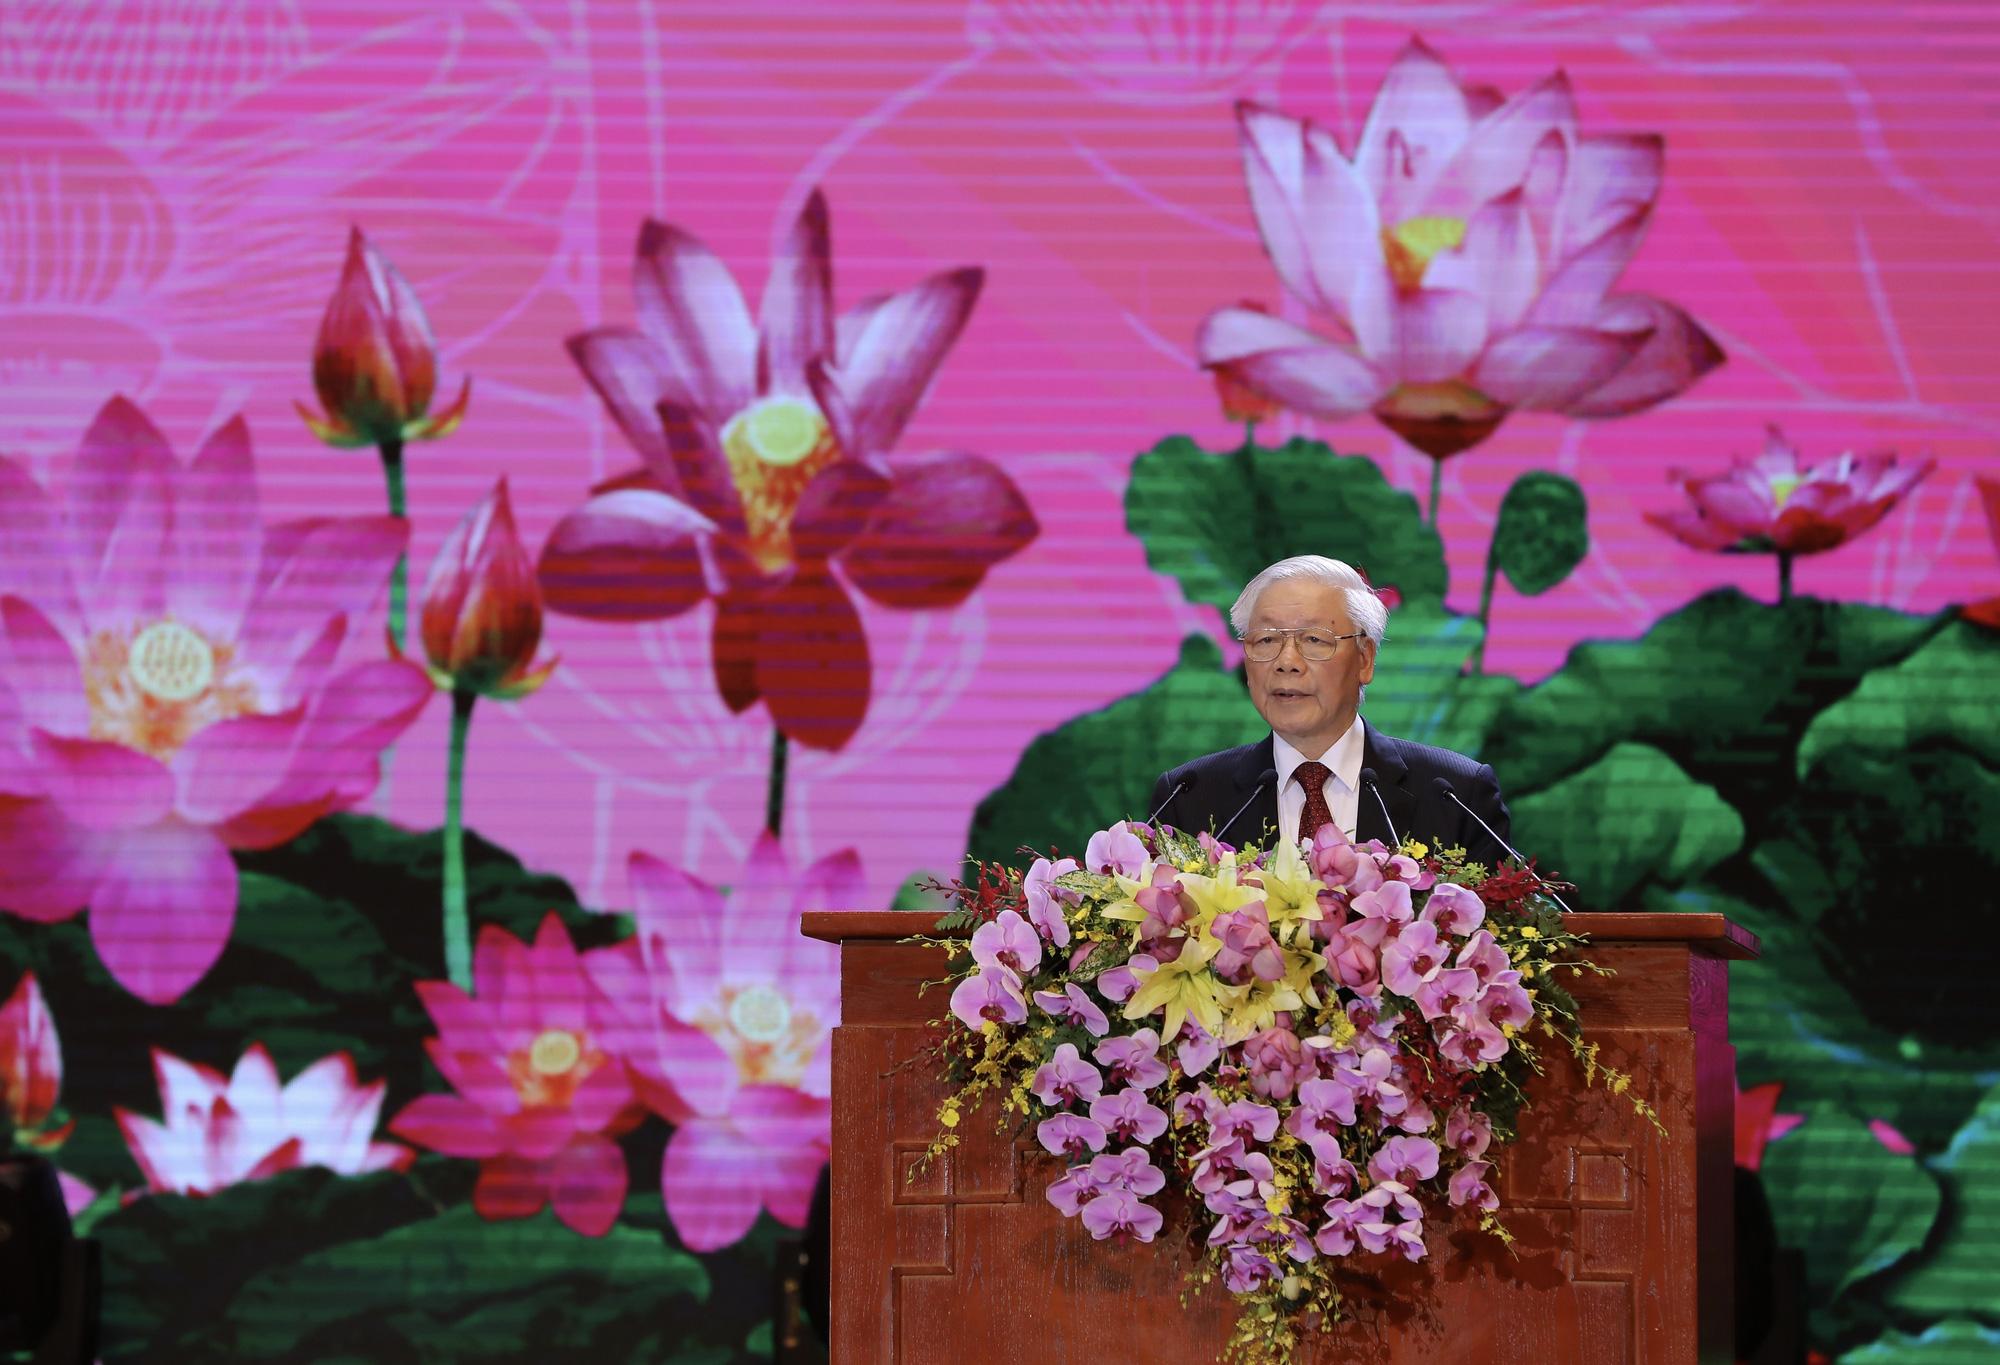 Tổng bí thư, Chủ tịch nước Nguyễn Phú Trọng đã có một bài phát biểu cảm động và sâu sắc về Chủ tịch Hồ Chí Minh - Ảnh: VIỆT DŨNG